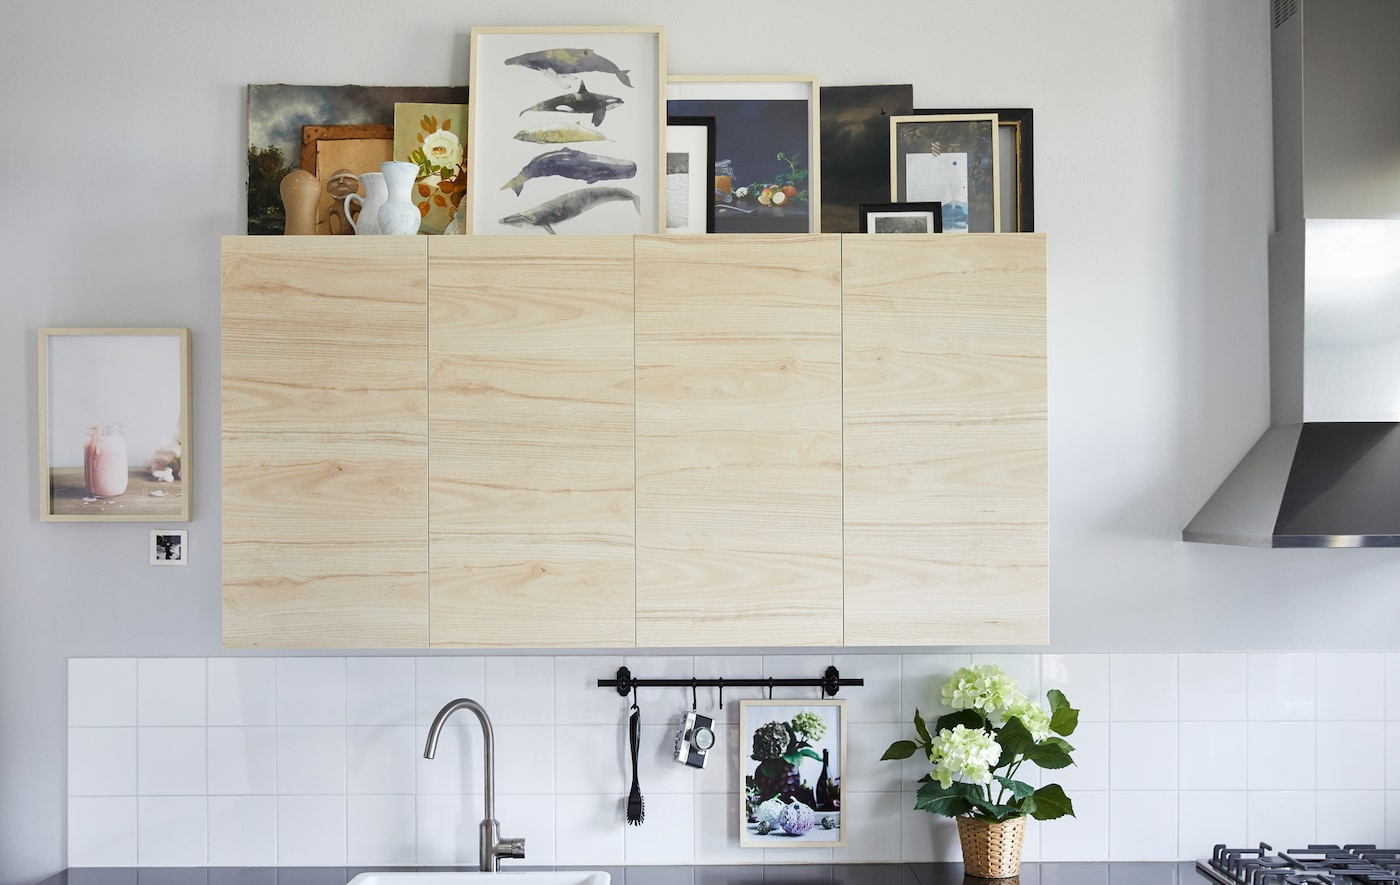 Kuchenschranke Dekorieren Stilvolle Ideen Ikea Deutschland